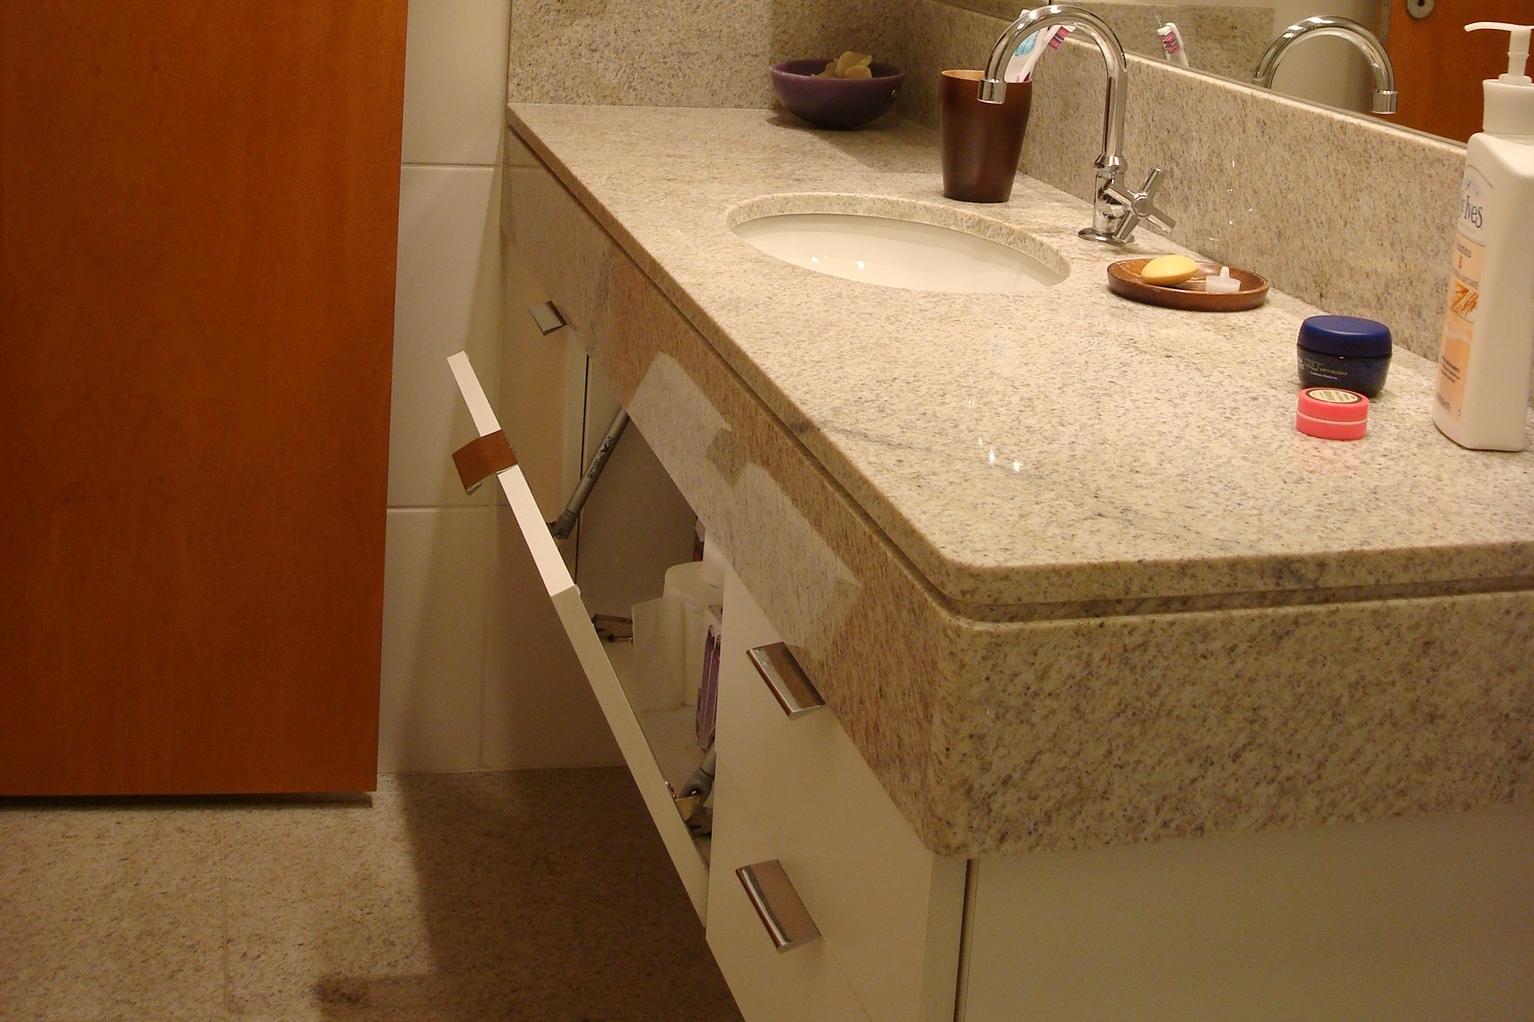 é muito prática de ser utilizada também para colocar a roupa suja #6B3510 1534x1022 Banheiro Branco Suja Muito